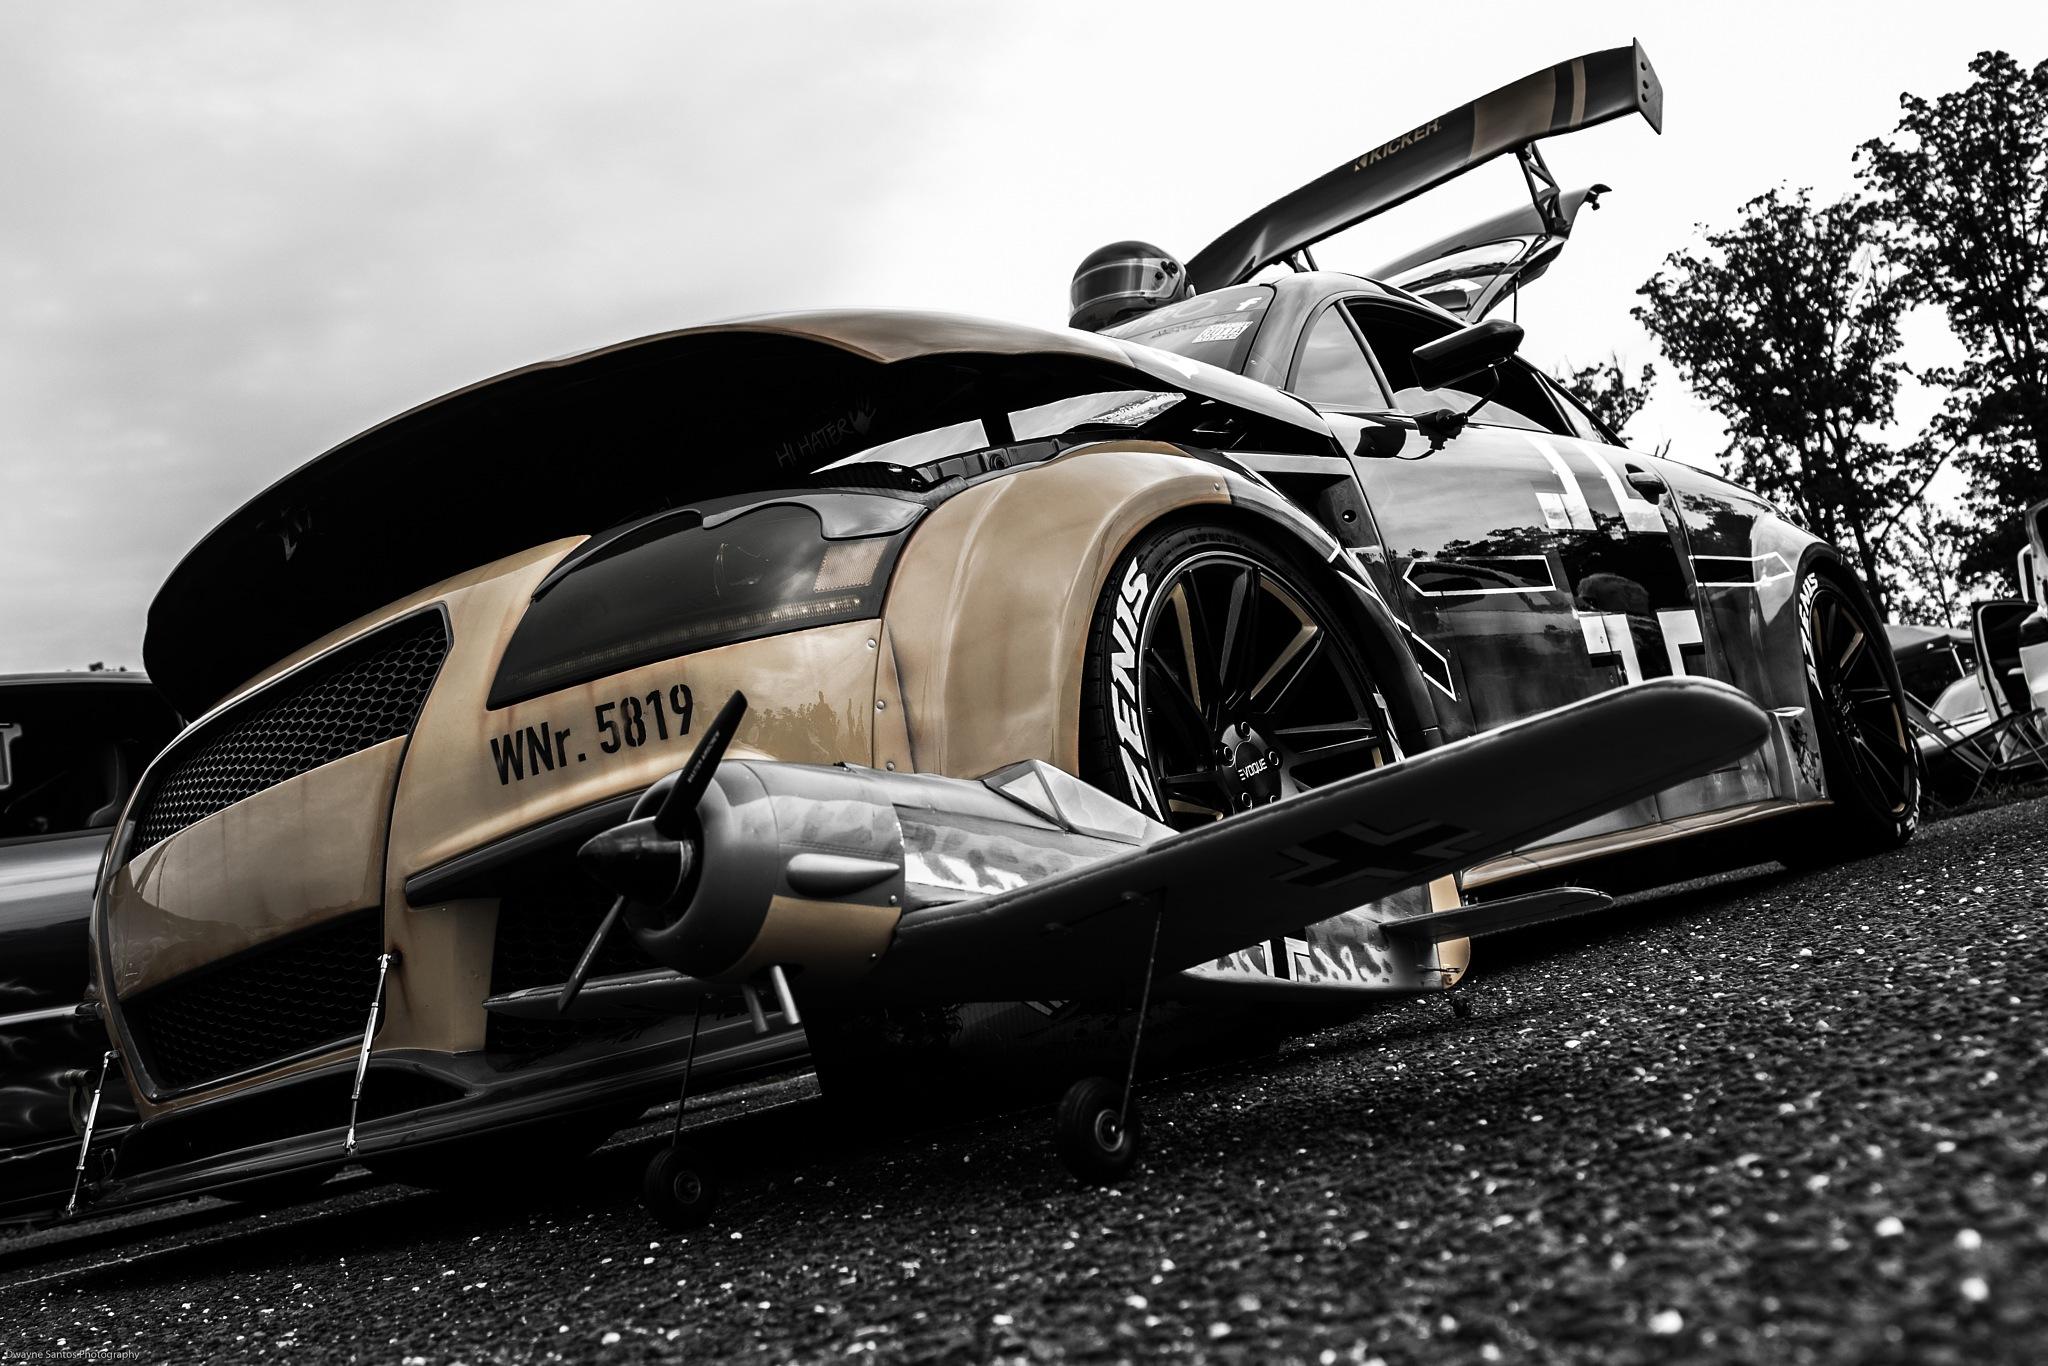 5819 Audi by Dwayne Santos